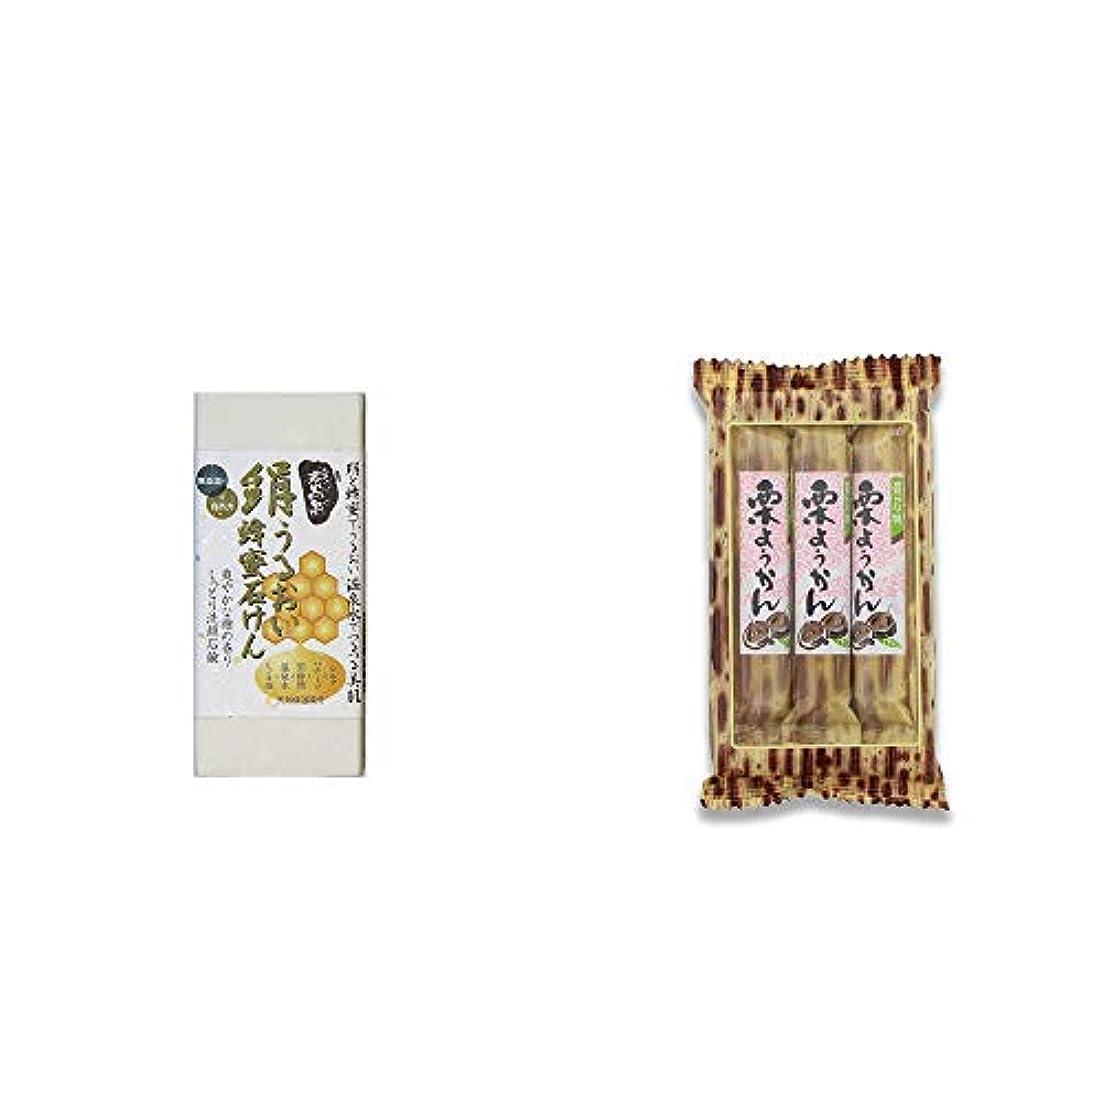 する祝う日焼け[2点セット] ひのき炭黒泉 絹うるおい蜂蜜石けん(75g×2)?スティックようかん[栗](50g×3本)